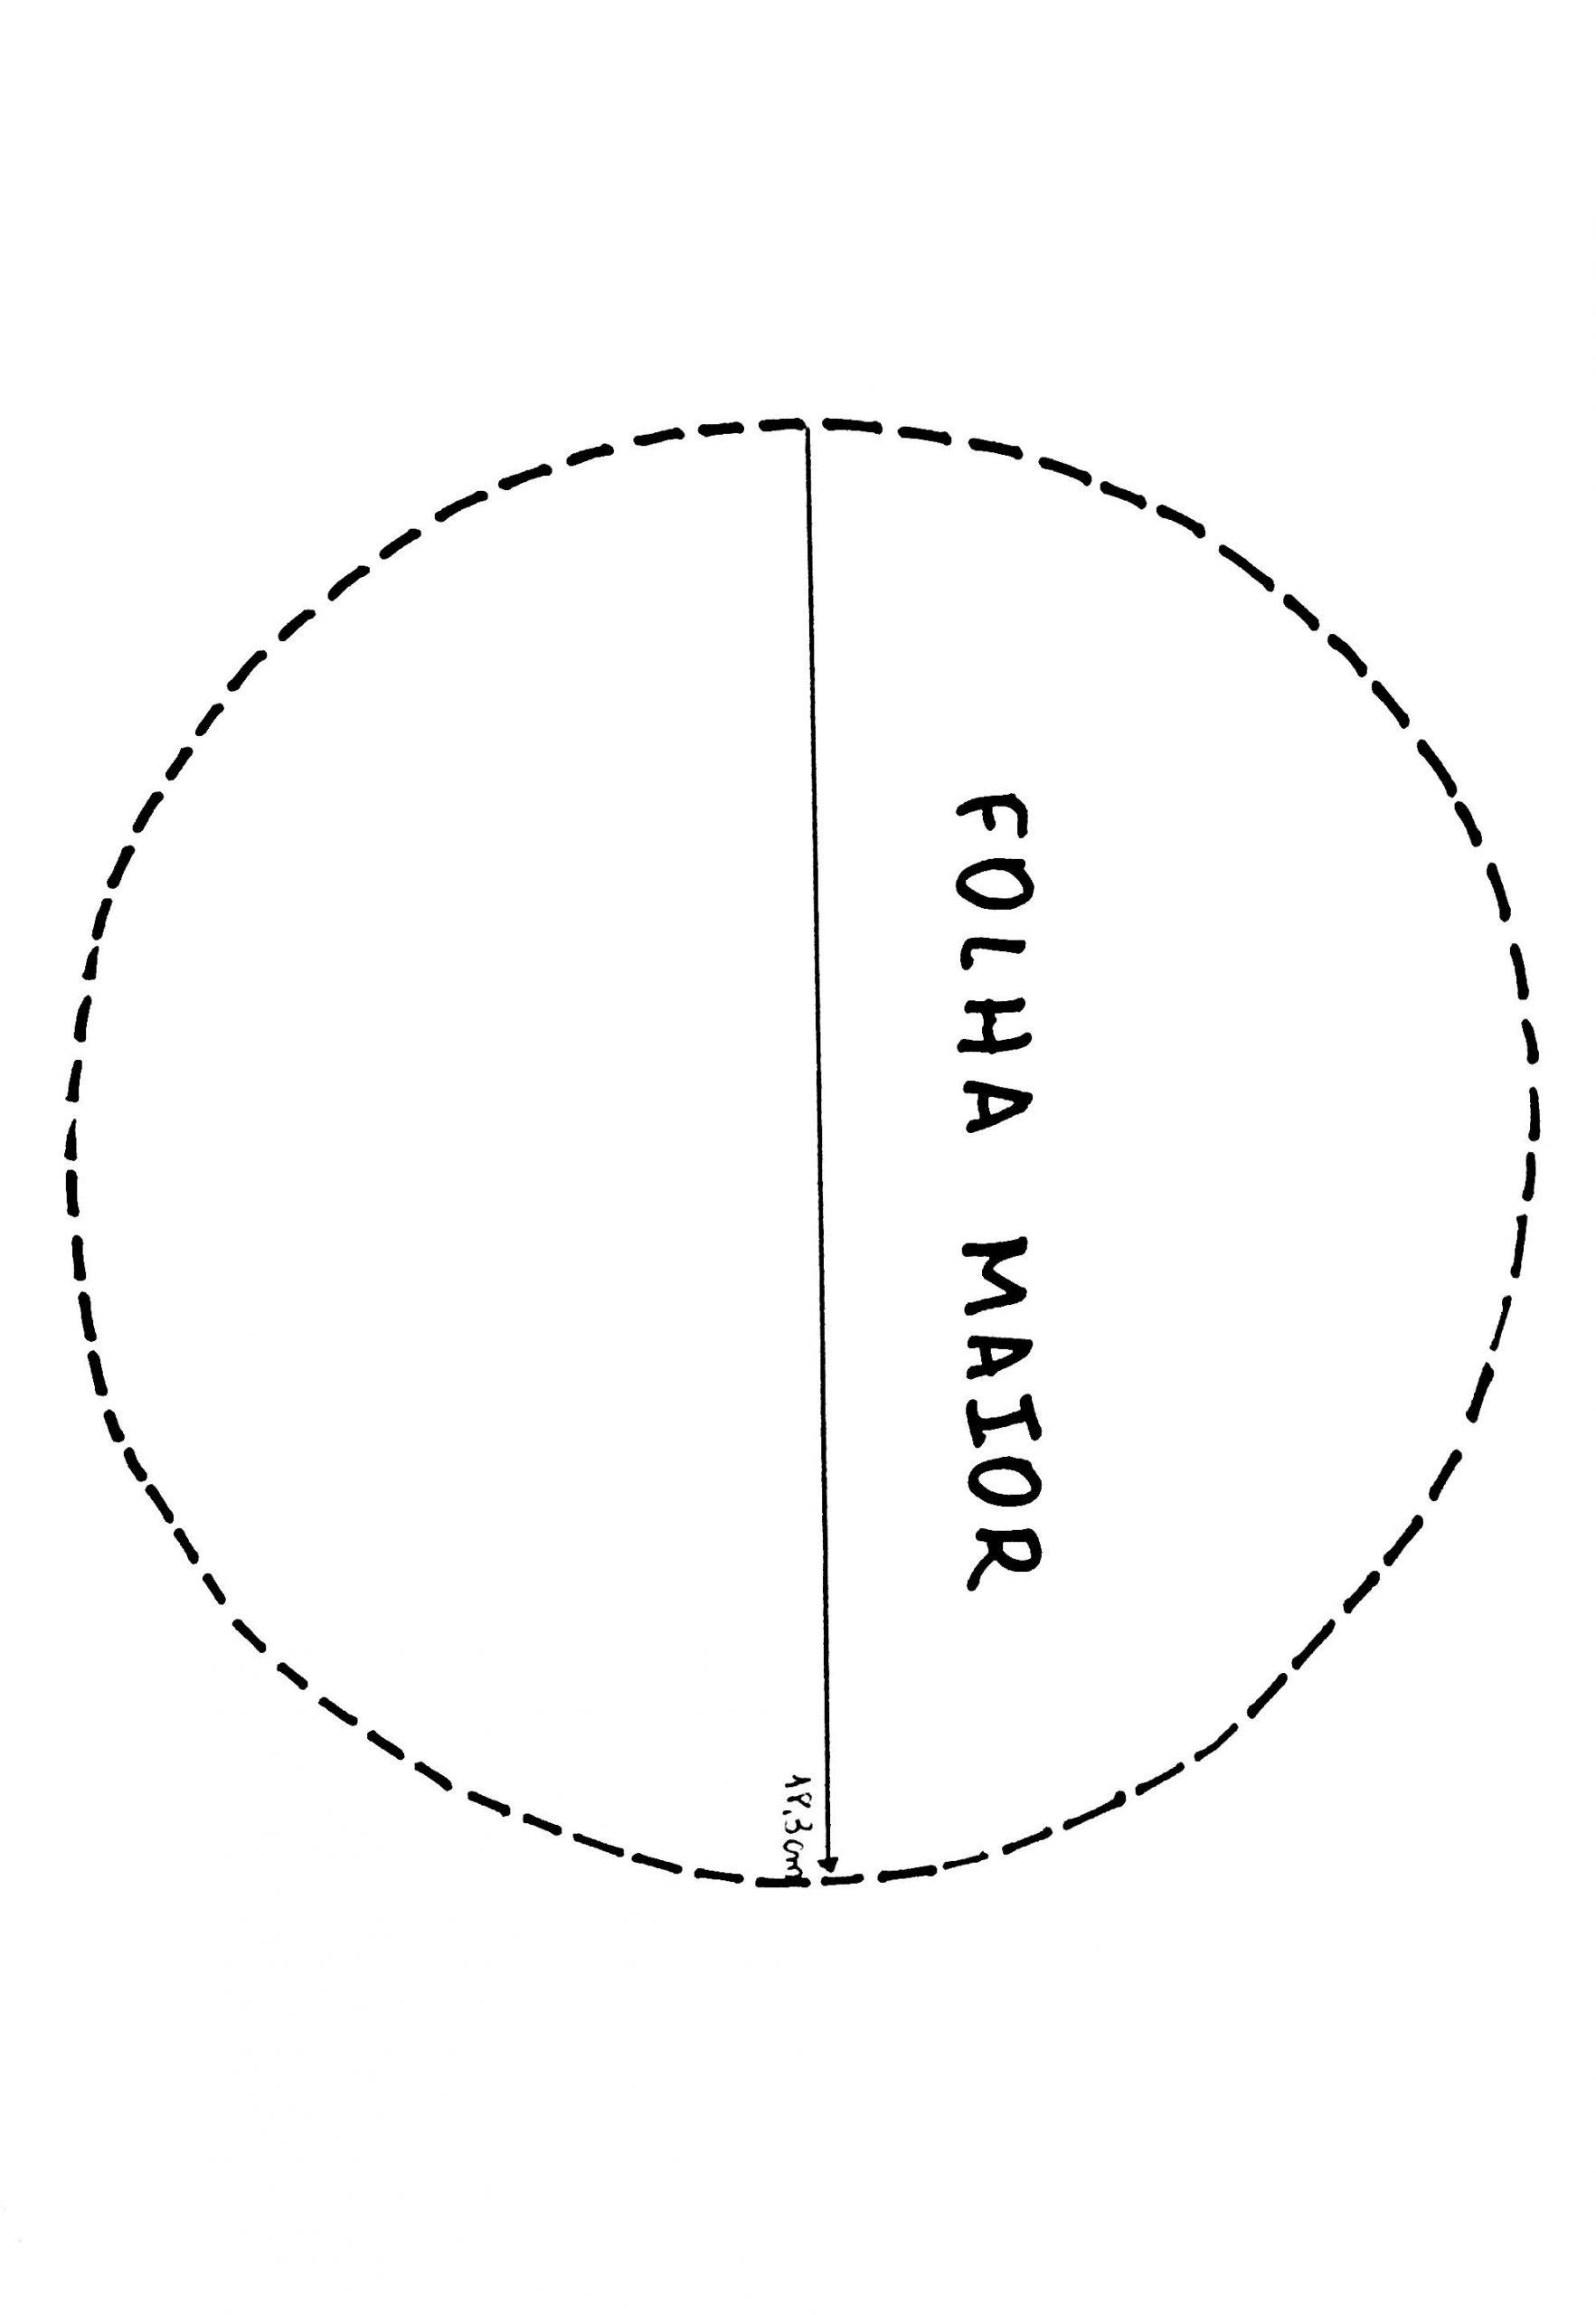 Excepcional Como fazer peso de porta no formato girassol - Artesanato na Rede BY16